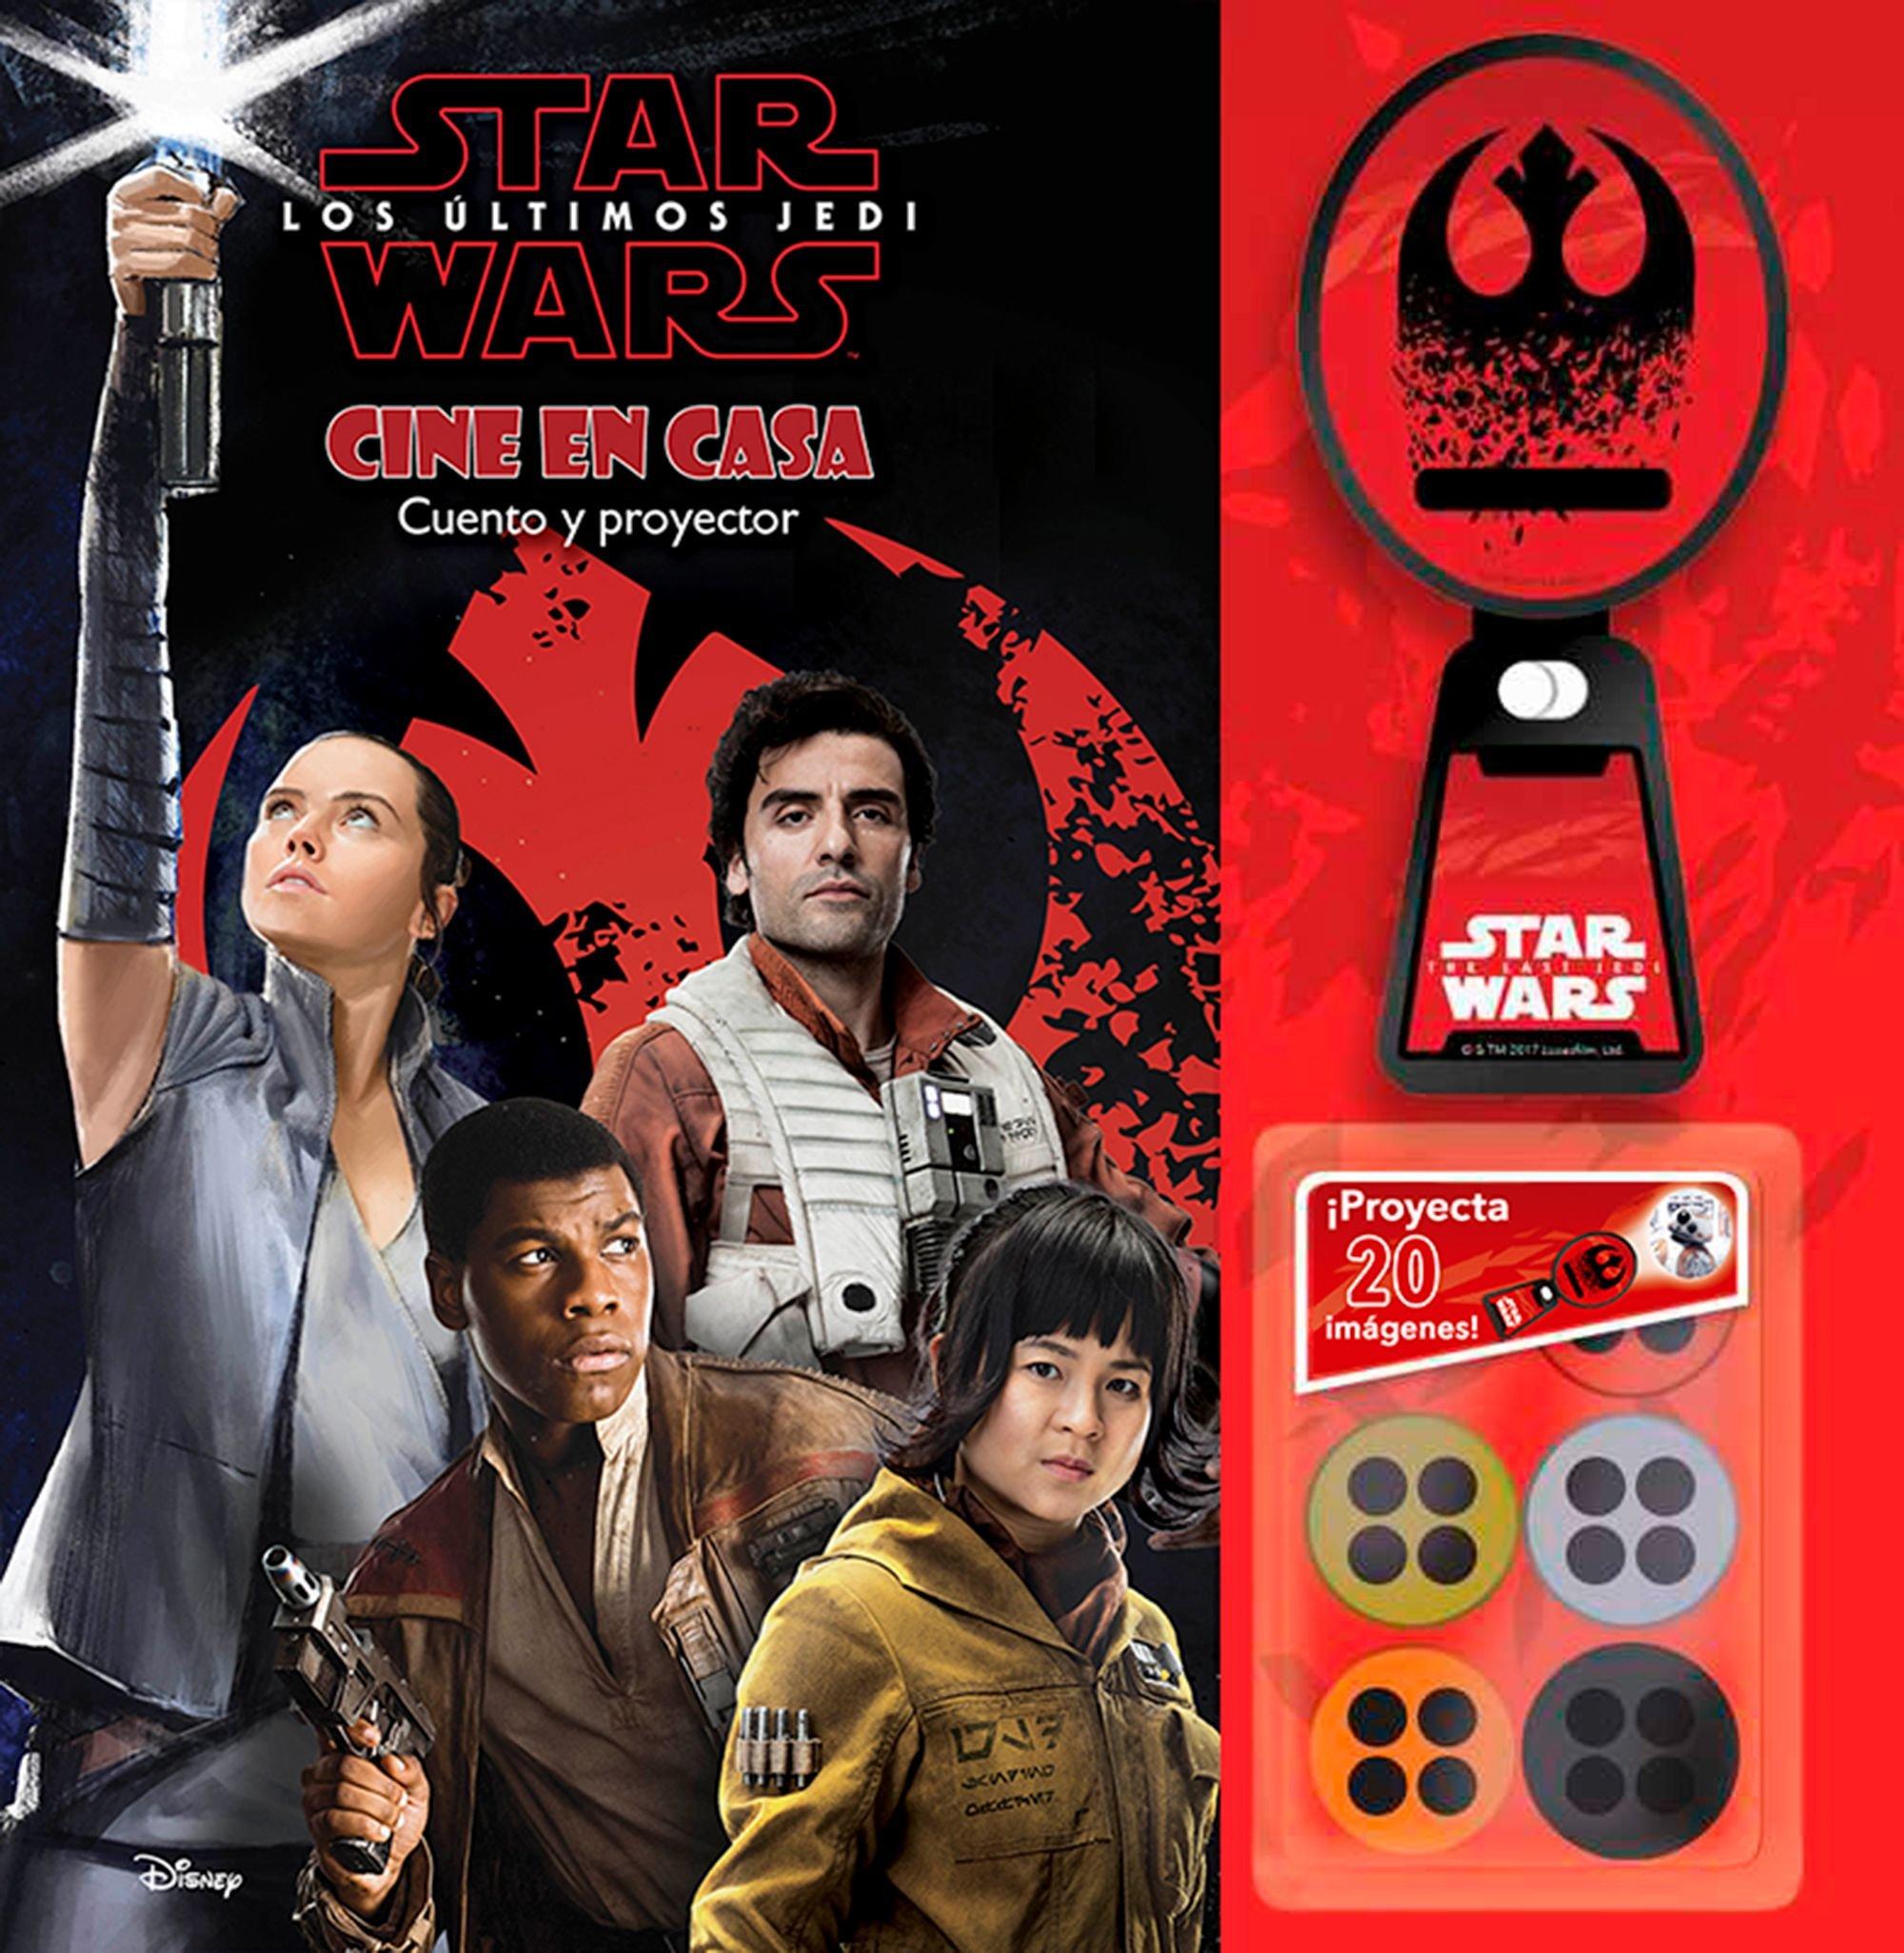 Star Wars. Los últimos Jedi. Cine en casa: Cuento y proyector ...